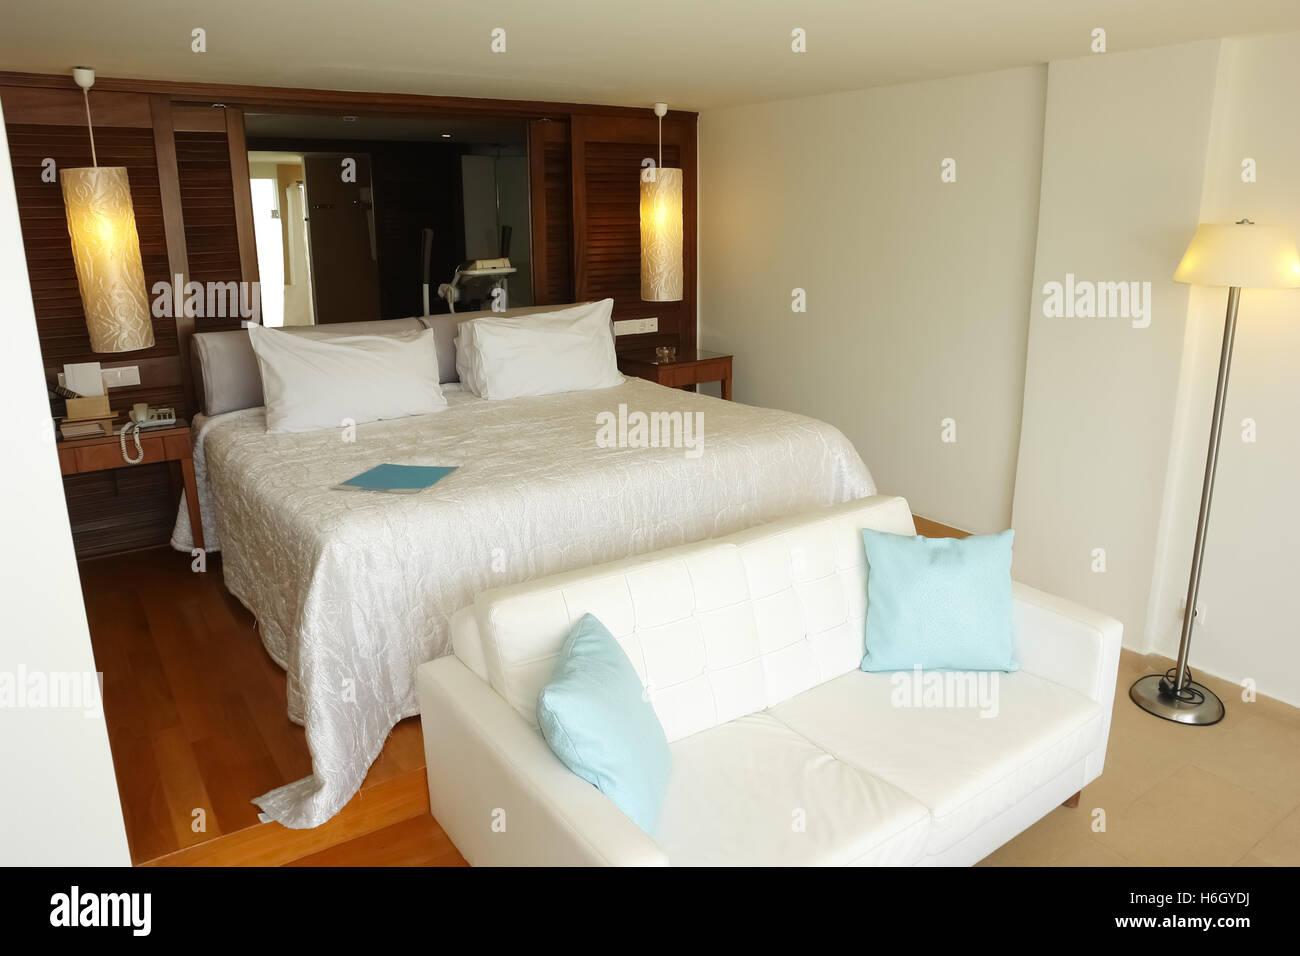 HERAKLION, Creta, Grecia - 13 Maggio 2014: camere interne con letto grande e bagno in un moderno edificio di hotel Immagini Stock